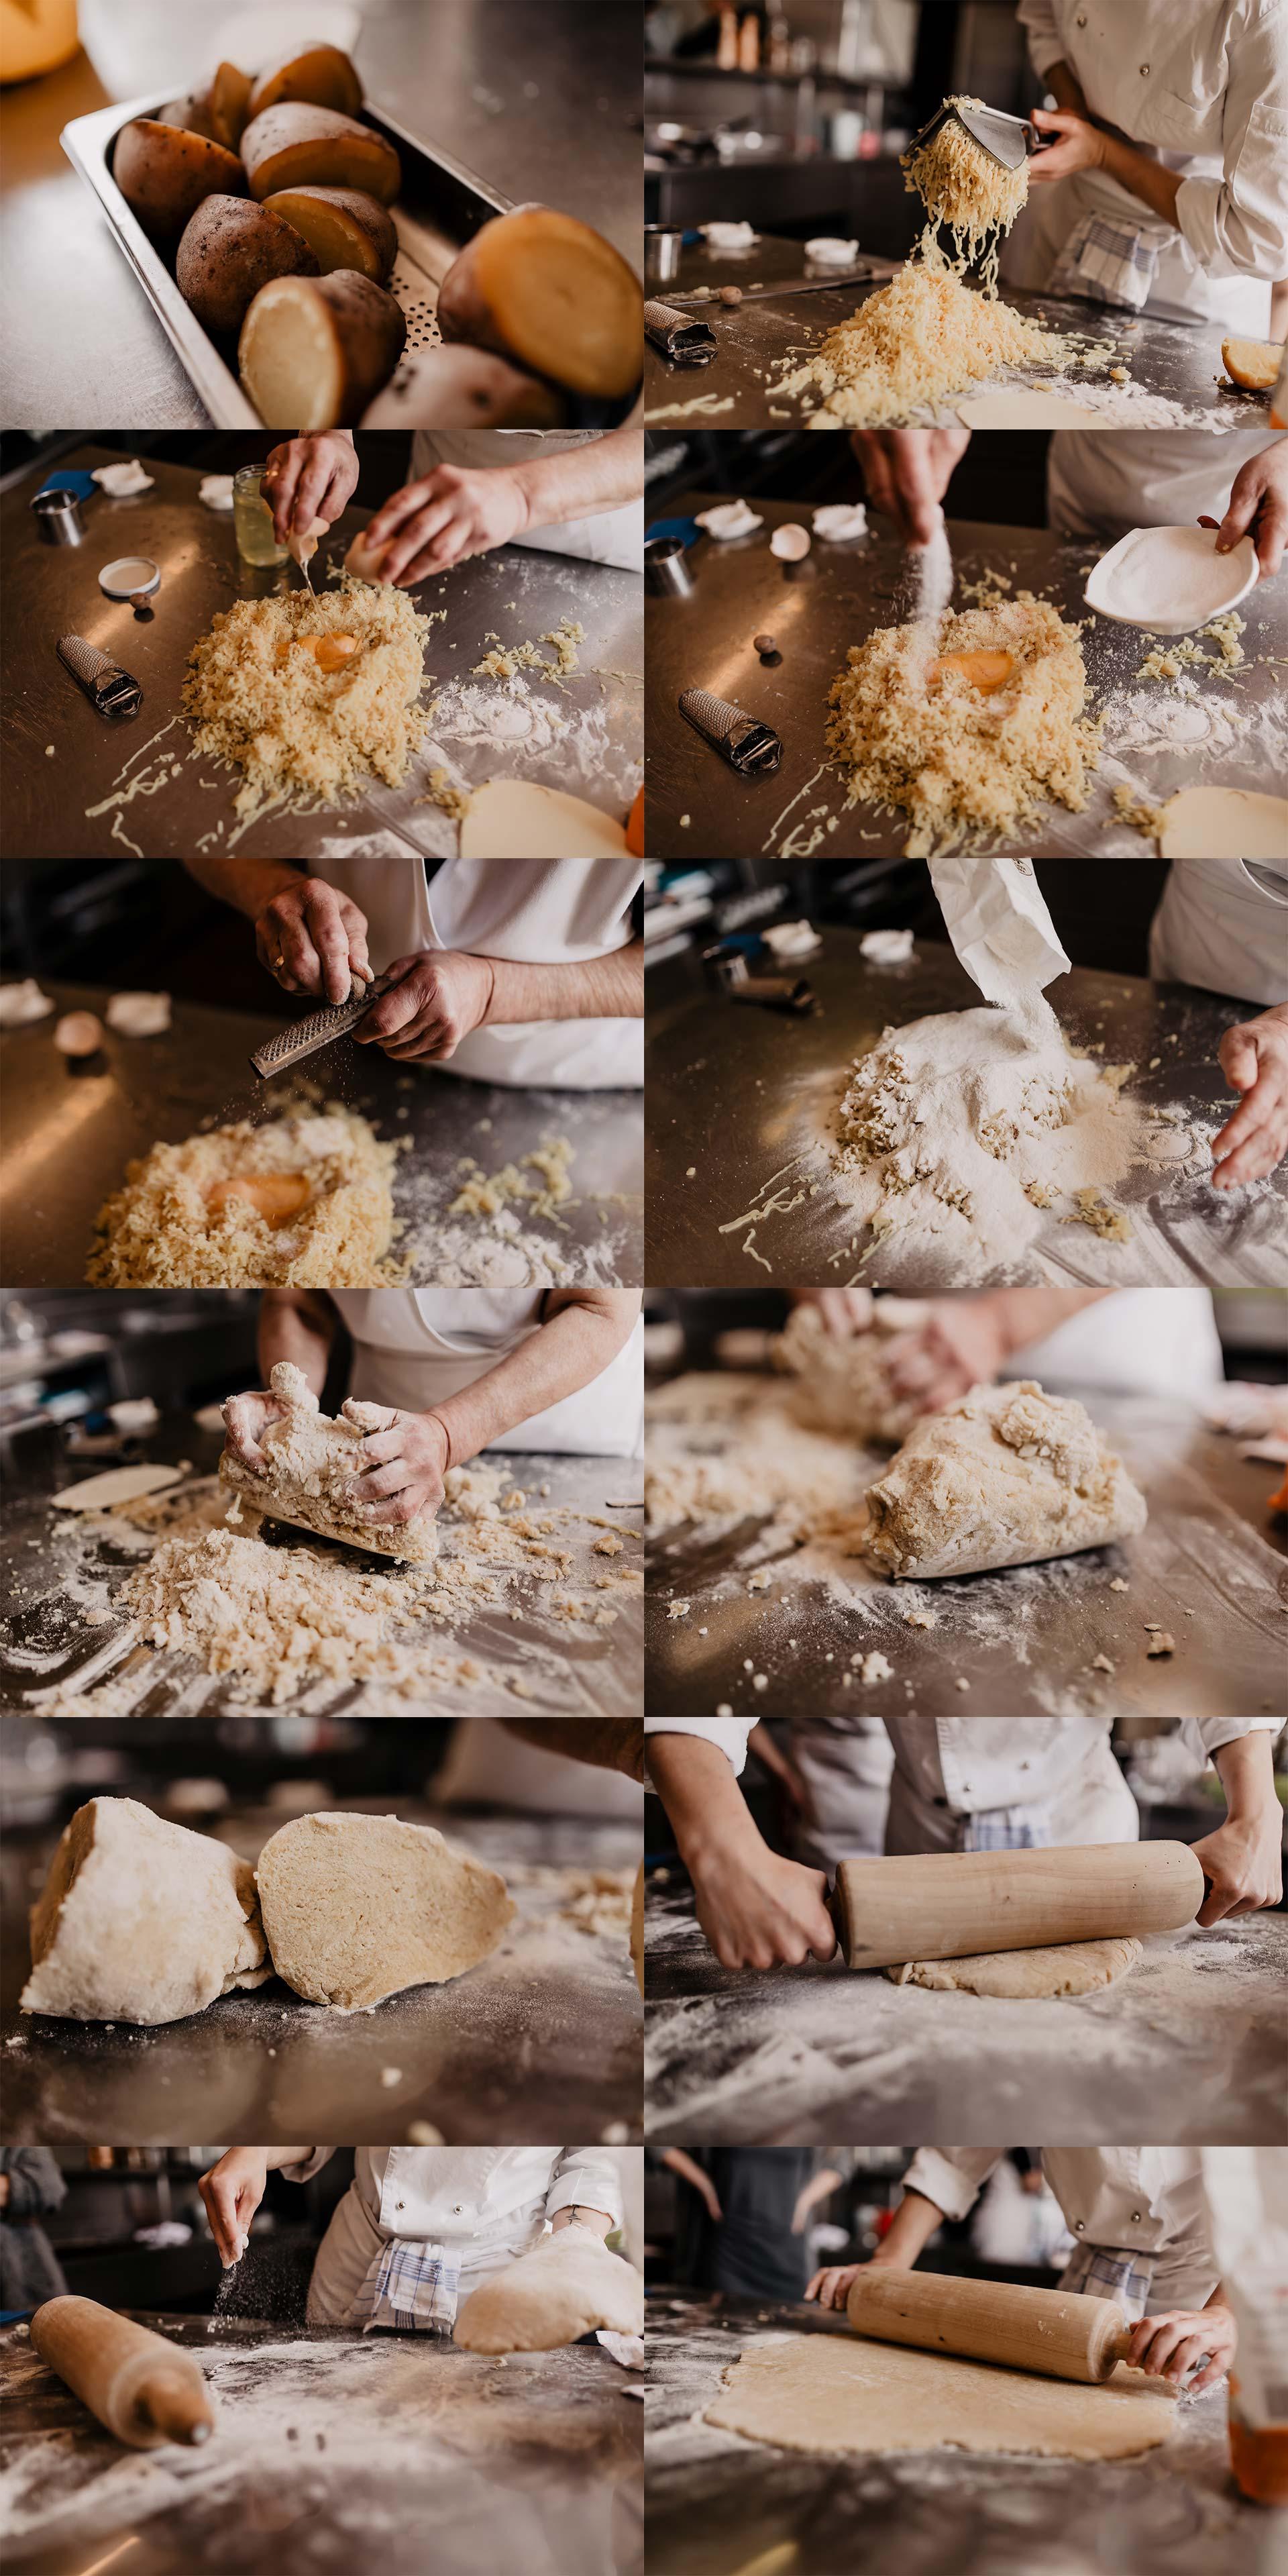 Anzeige. 3-Gänge-Frühlingsmenü mit Bärlauchschaumsuppe,Bärlauchtascherl, Bärlauchpesto, Kartoffelteig herstellen, gesundesFrühlingsmenü,was soll ich morgen kochen,Rezepte mit Bärlauch,Bärlauchsuppe,Kochen mit Hofer, Foodblogger, www.whoismocca.com #bärlauch #kartoffelteig #erdäpfelteig #frühlingsmenü #kochenmithofer #rezept #vegetarisch